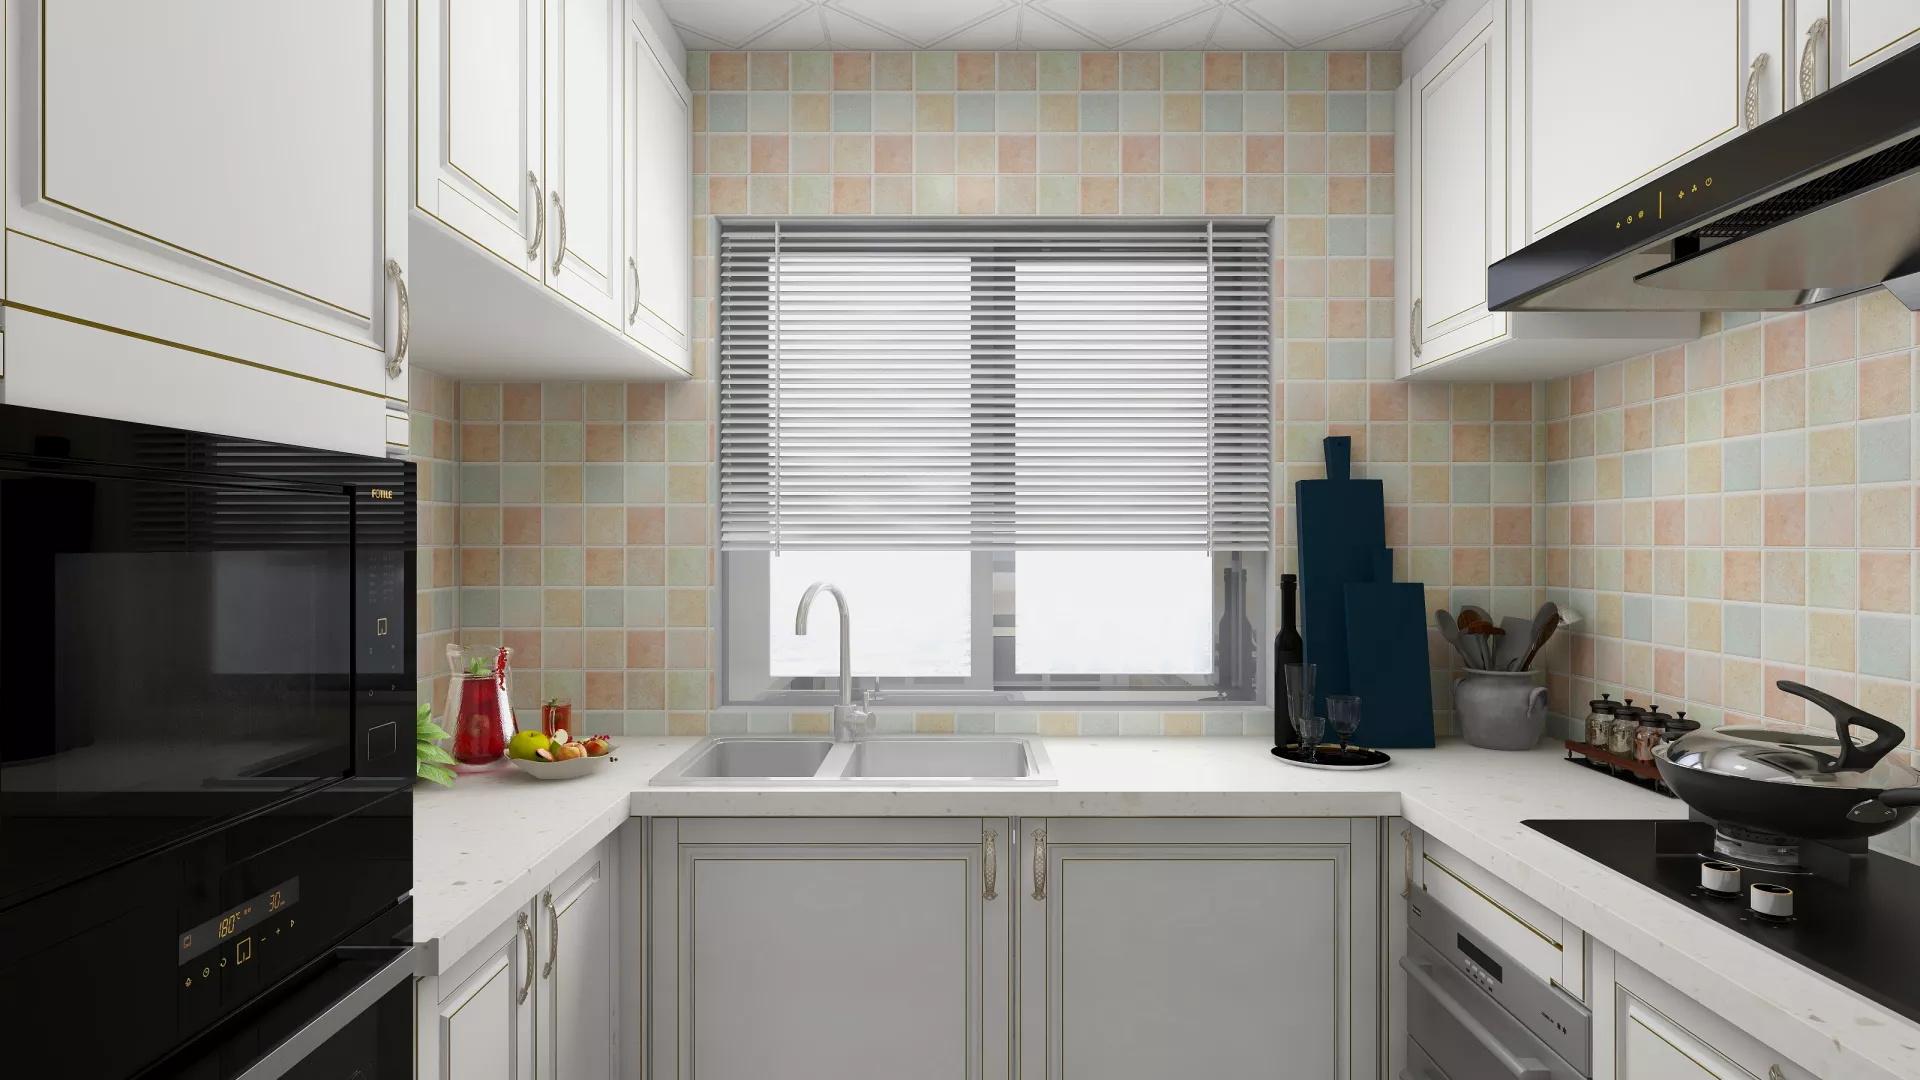 室内彩钢瓦要如何选购?家装彩钢瓦选购要点是什么?